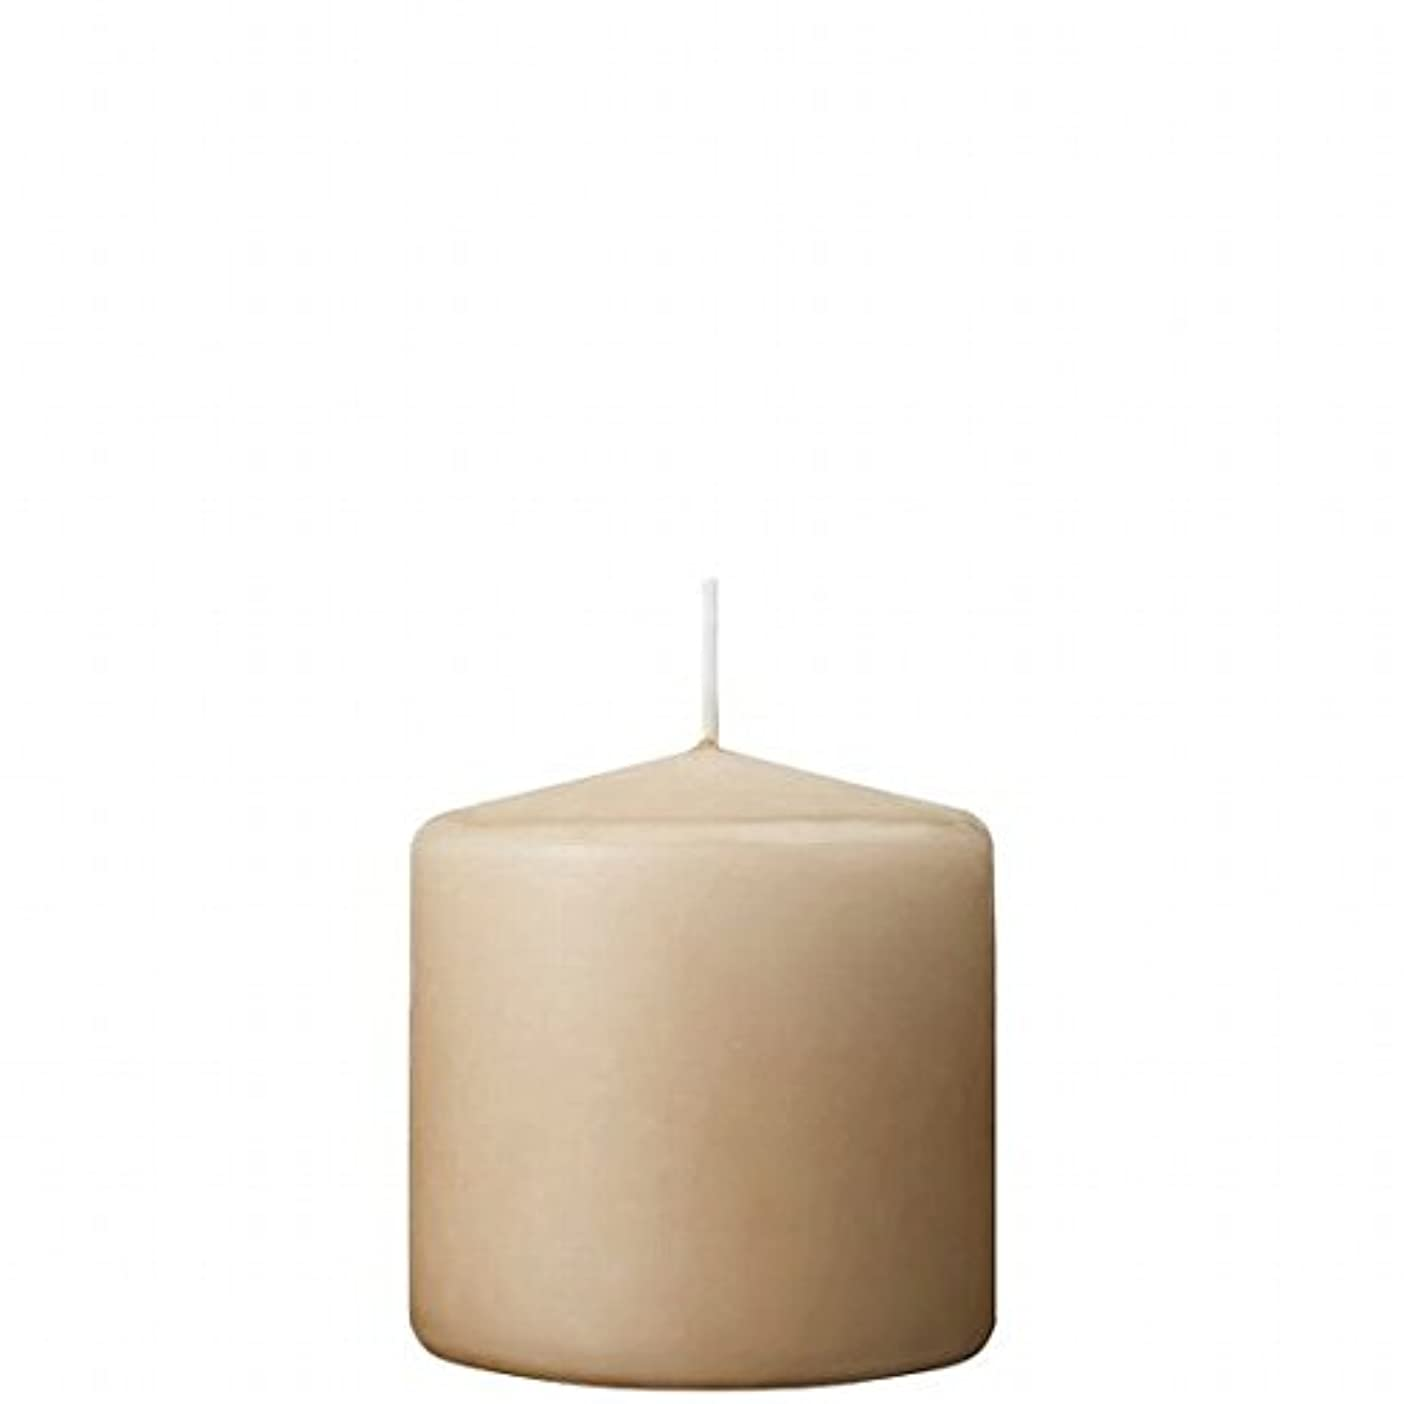 蒸気ミシン目風が強いカメヤマキャンドル( kameyama candle ) 3×3ベルトップピラーキャンドル 「 ベージュ 」